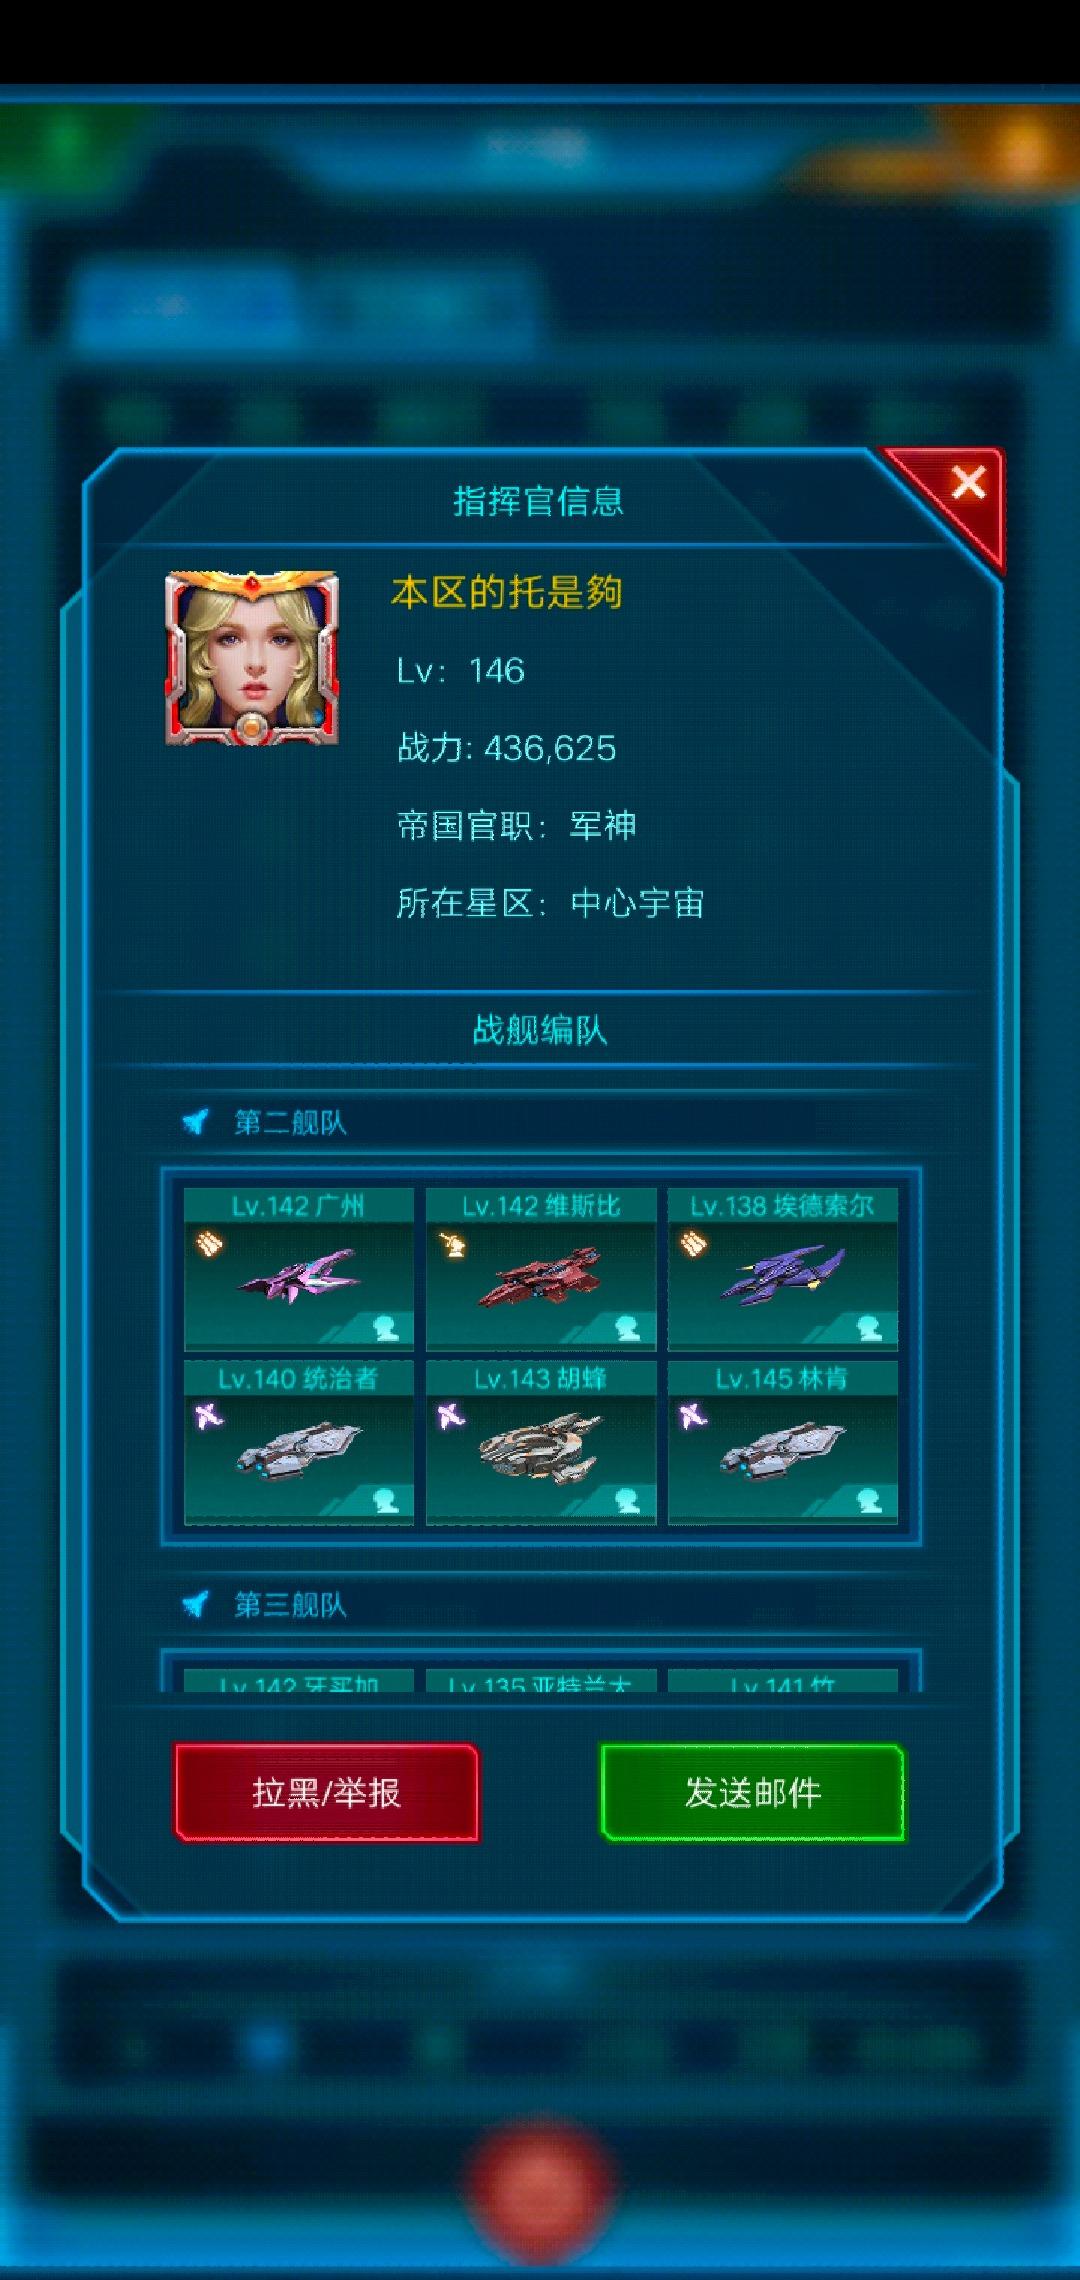 Screenshot_20190525_170913.jpg